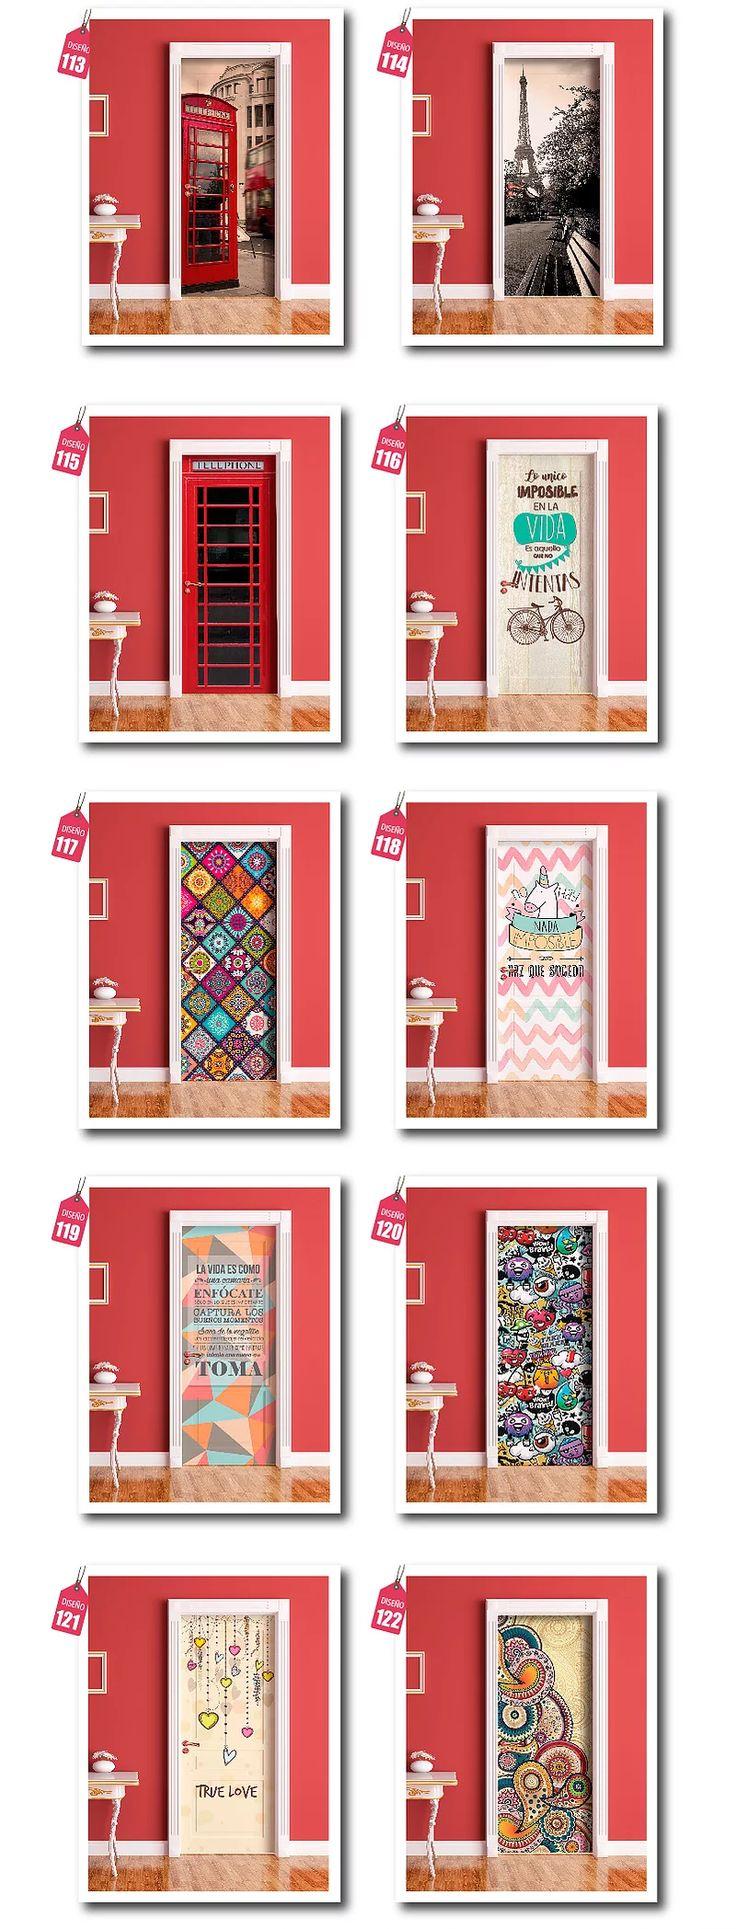 Vinilos Decorativos Para Puertas - Ploteos Personalizados - $ 570,00